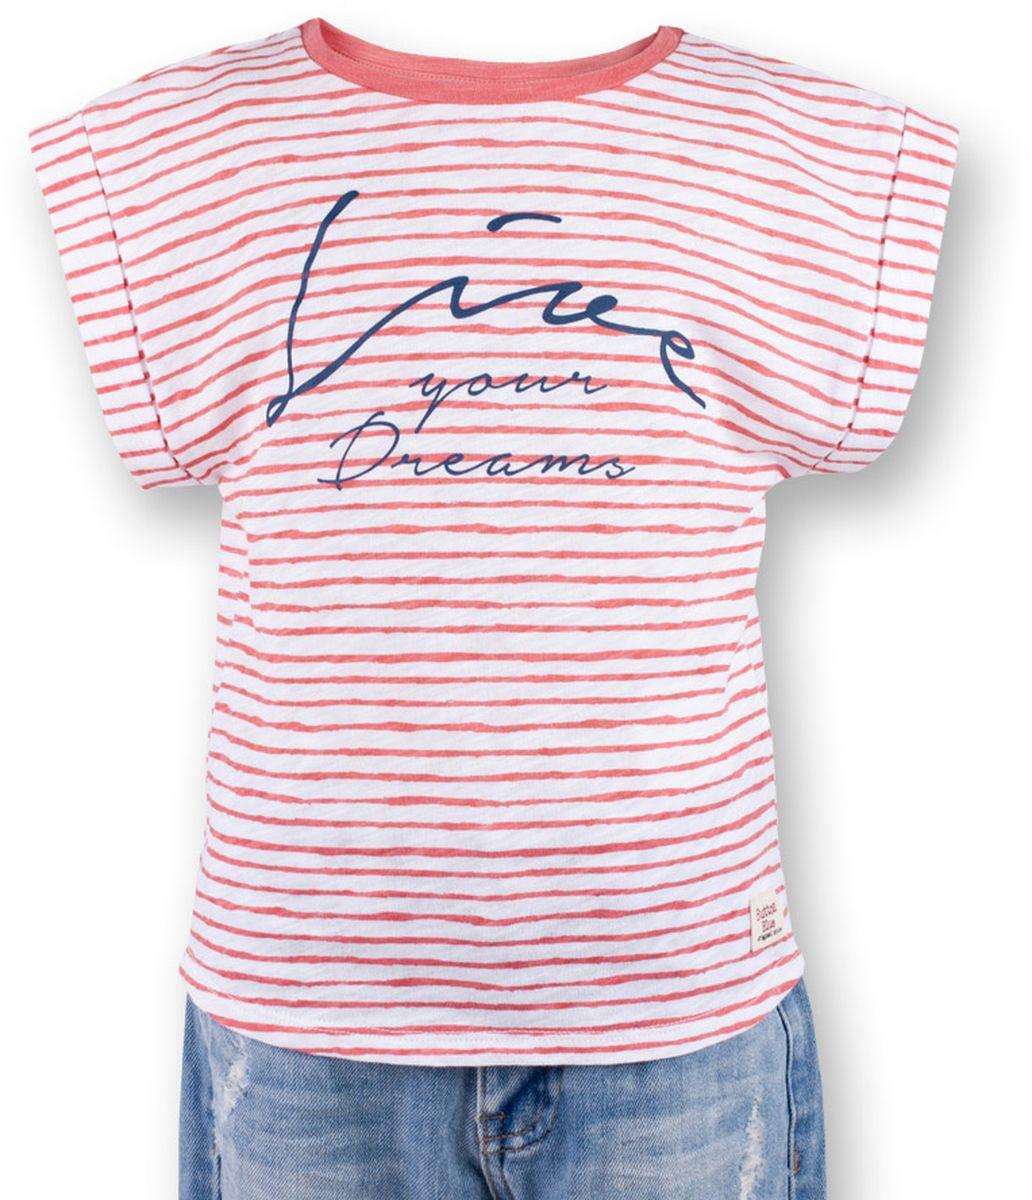 Футболка для девочки Button Blue Main, цвет: коралловый. 117BBGC12022205. Размер 152, 12 лет117BBGC12022205Полосатая футболка - не только базовая вещь в гардеробе ребенка, но и залог хорошего летнего настроения. Если вы решили купить футболку для девочки, выберете модель футболки в полоску с оригинальным принтом, и ваш ребенок будет доволен.